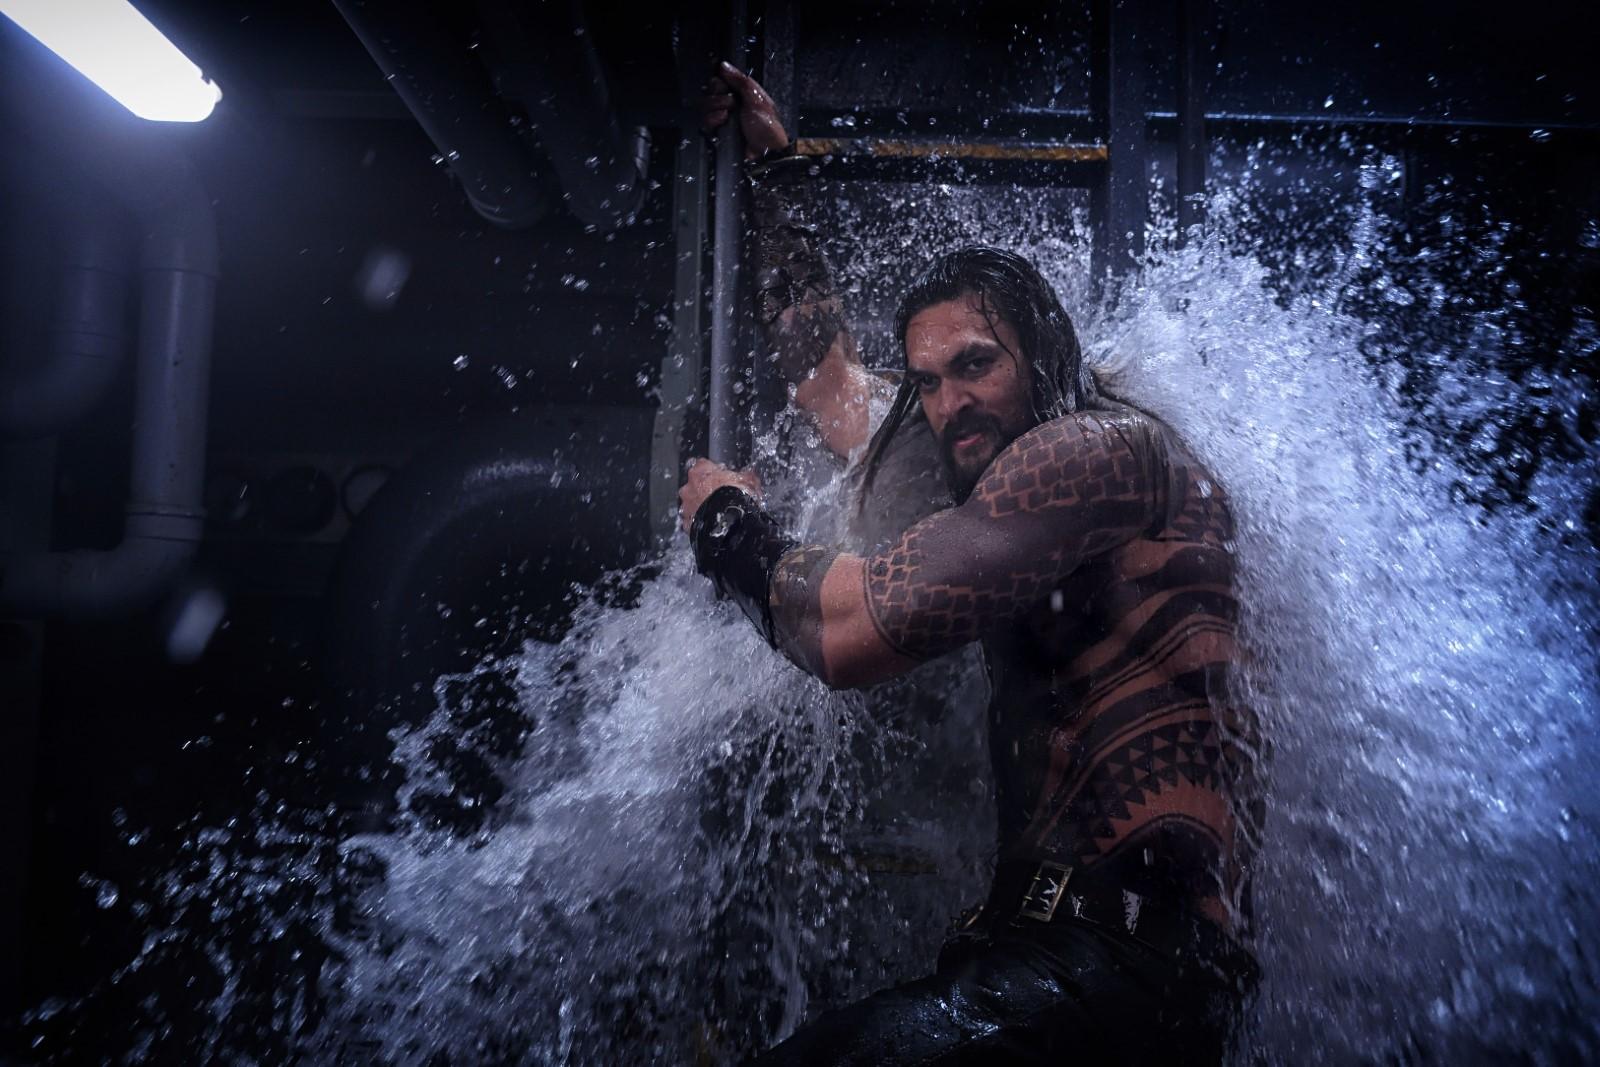 [Films] Aquaman 1895130